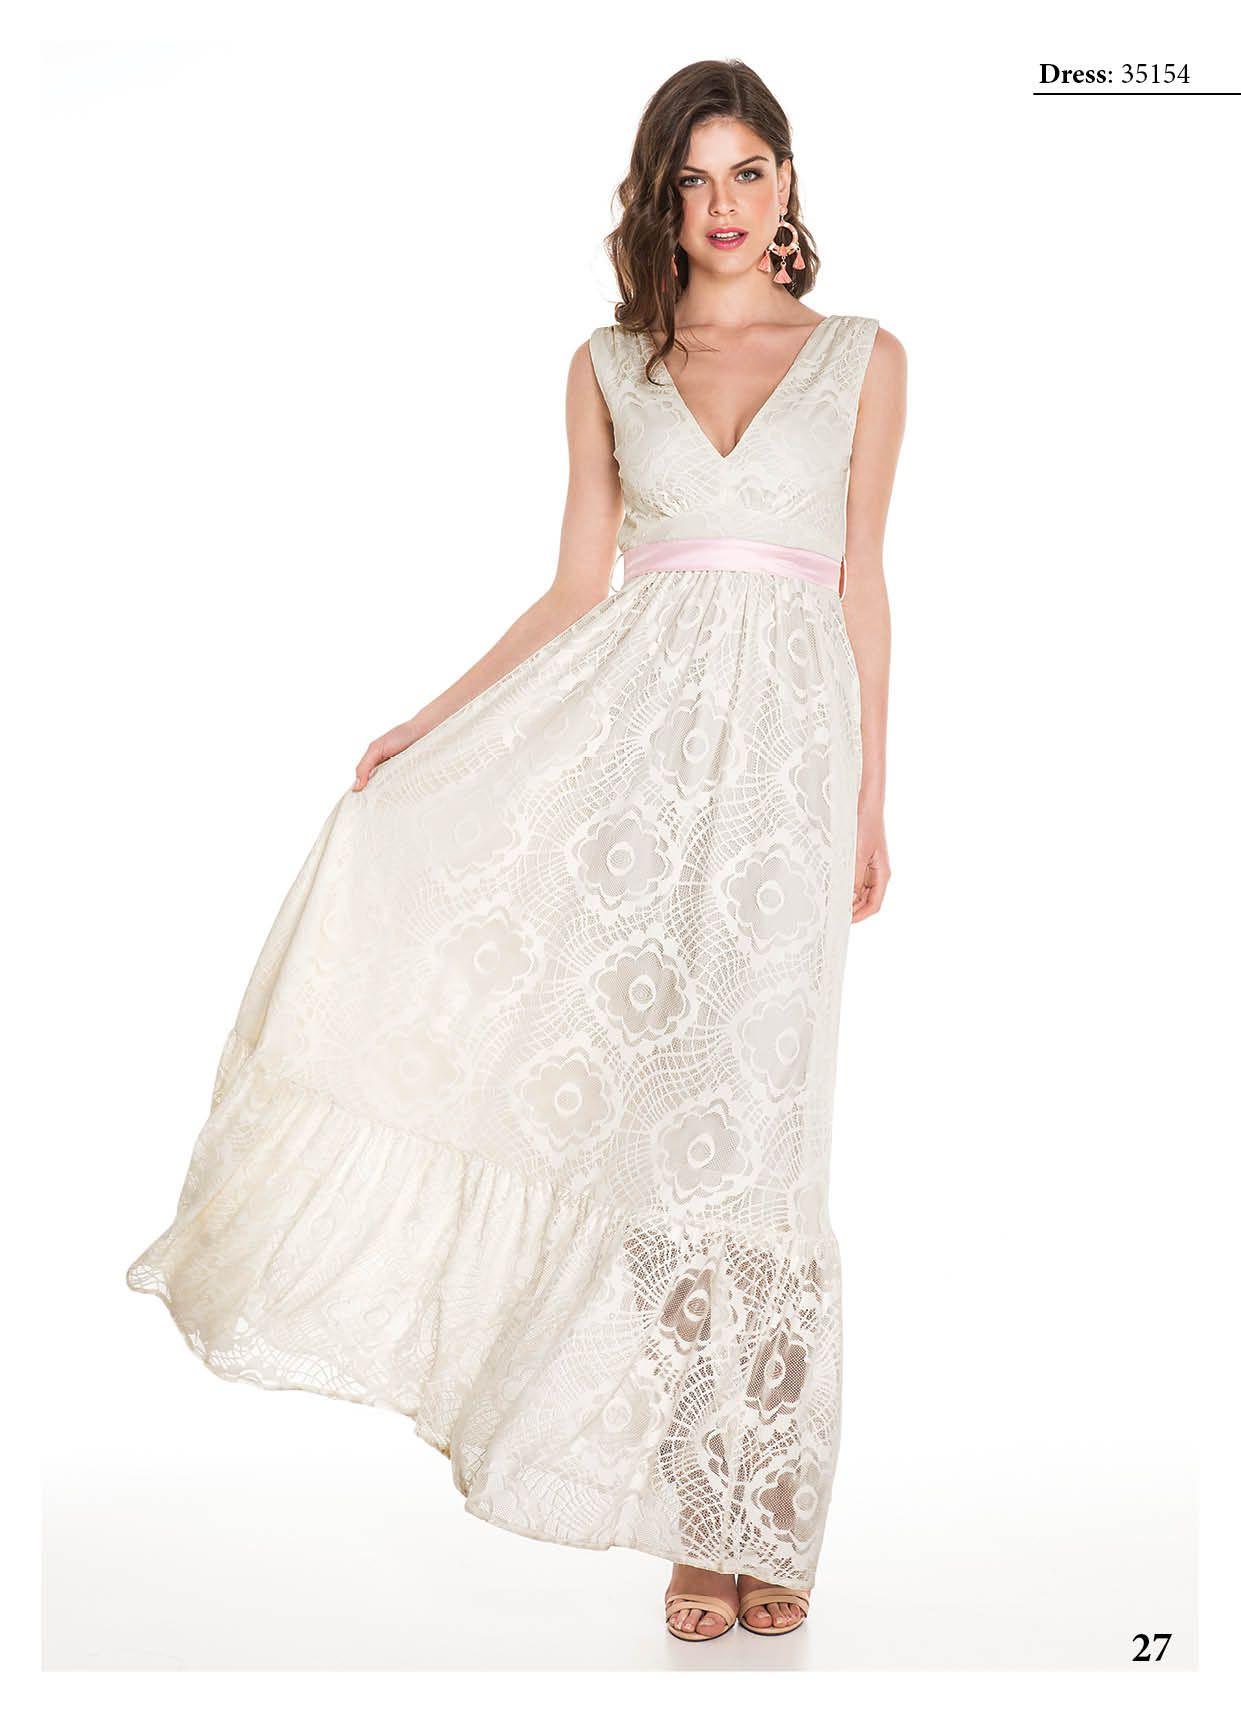 6351126f5b7e I Got you Άνοιξη Καλοκαίρι 2016 - Derpouli Fashion   Γυναικεία Ενδύματα - Η  μόδα στα